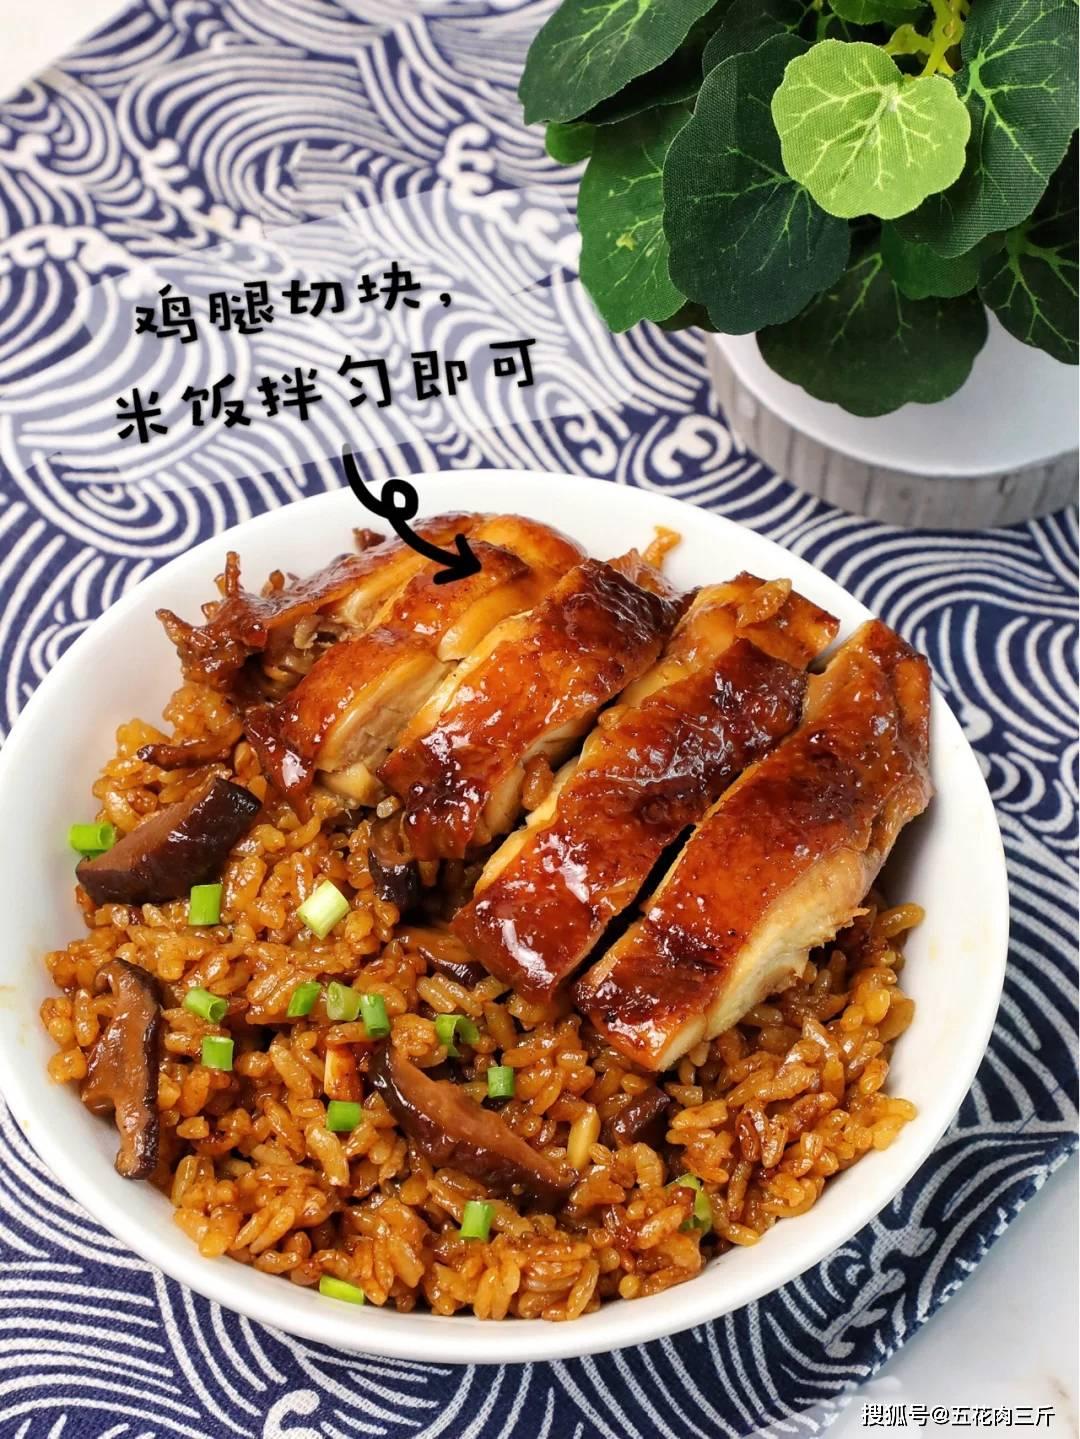 小白简朴制作,在家用电饭煲也能当大厨,香菇鸡腿焖饭